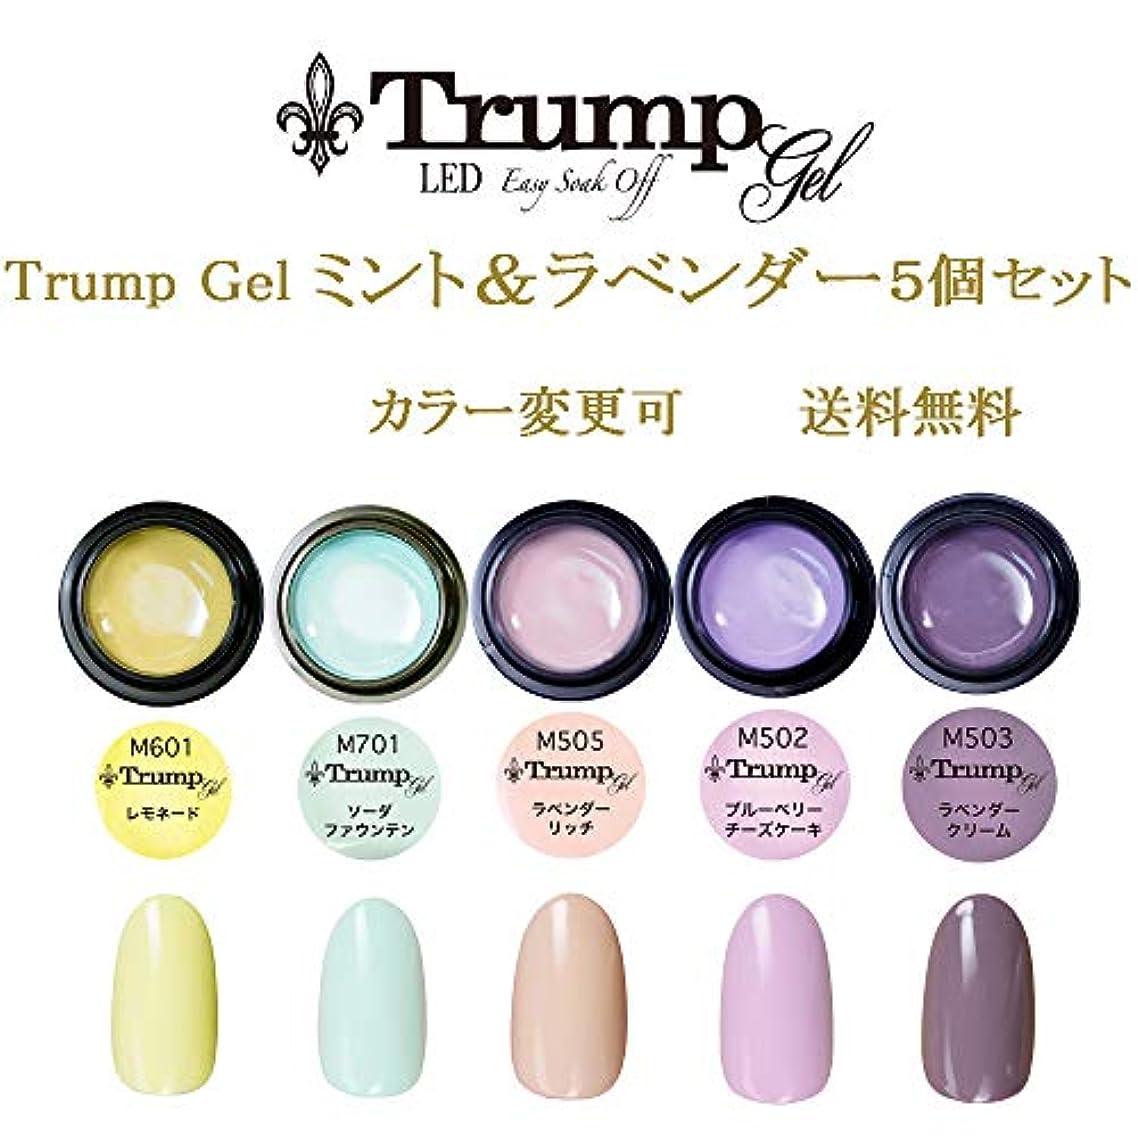 イベント鑑定平日【送料無料】日本製 Trump gel トランプジェル ミント&ラベンダー 選べる カラージェル 5個セット ラベンダー ベージュ ミントカラー